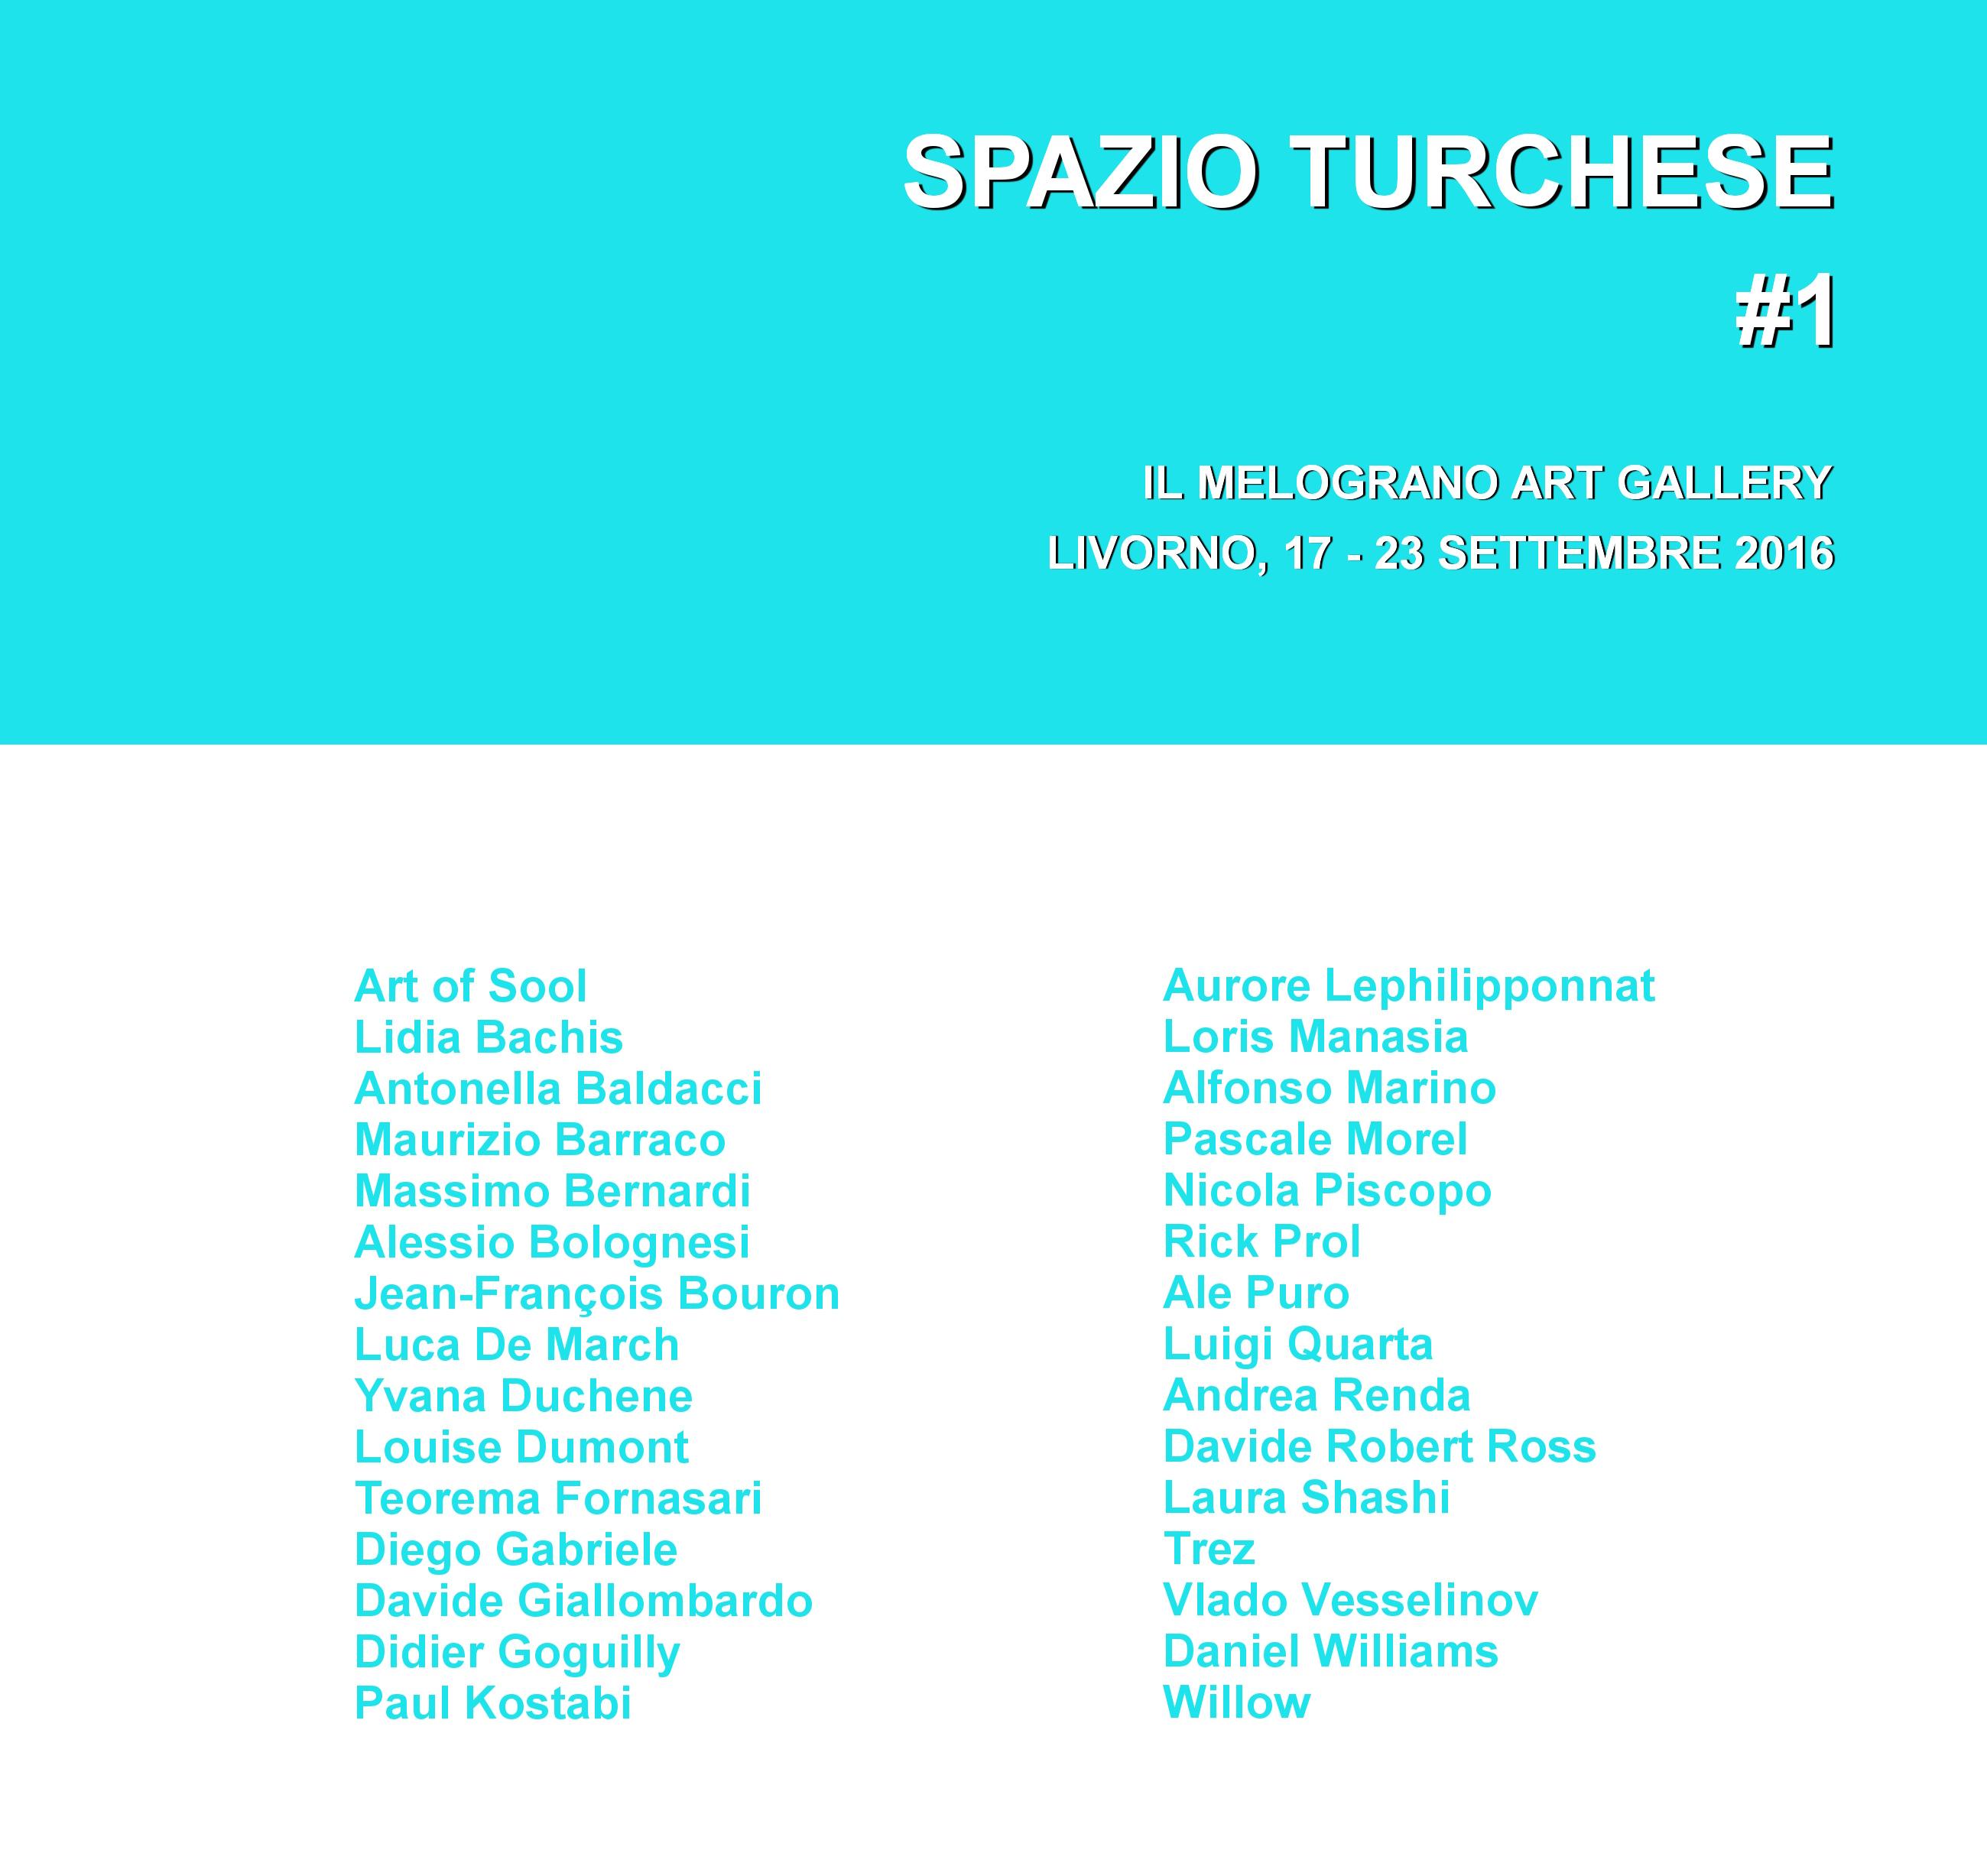 spazio-turchese-arte-contemporanea-il-melograno-art-gallery